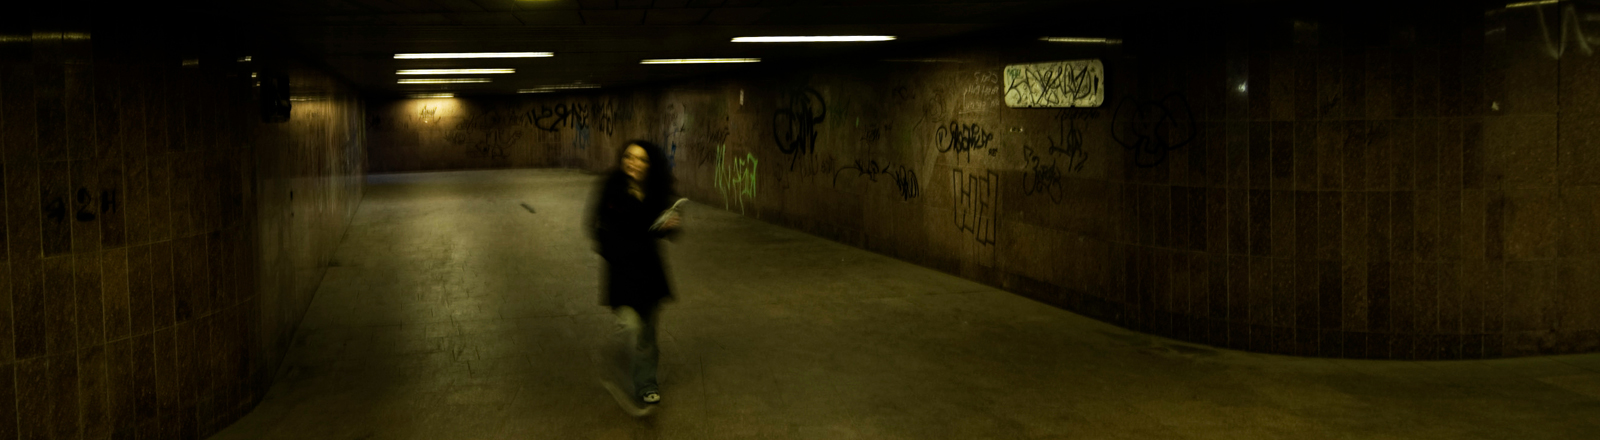 Eine junge Frau schaut in einer U-Bahn-Station auf ihr Mobiltelefon